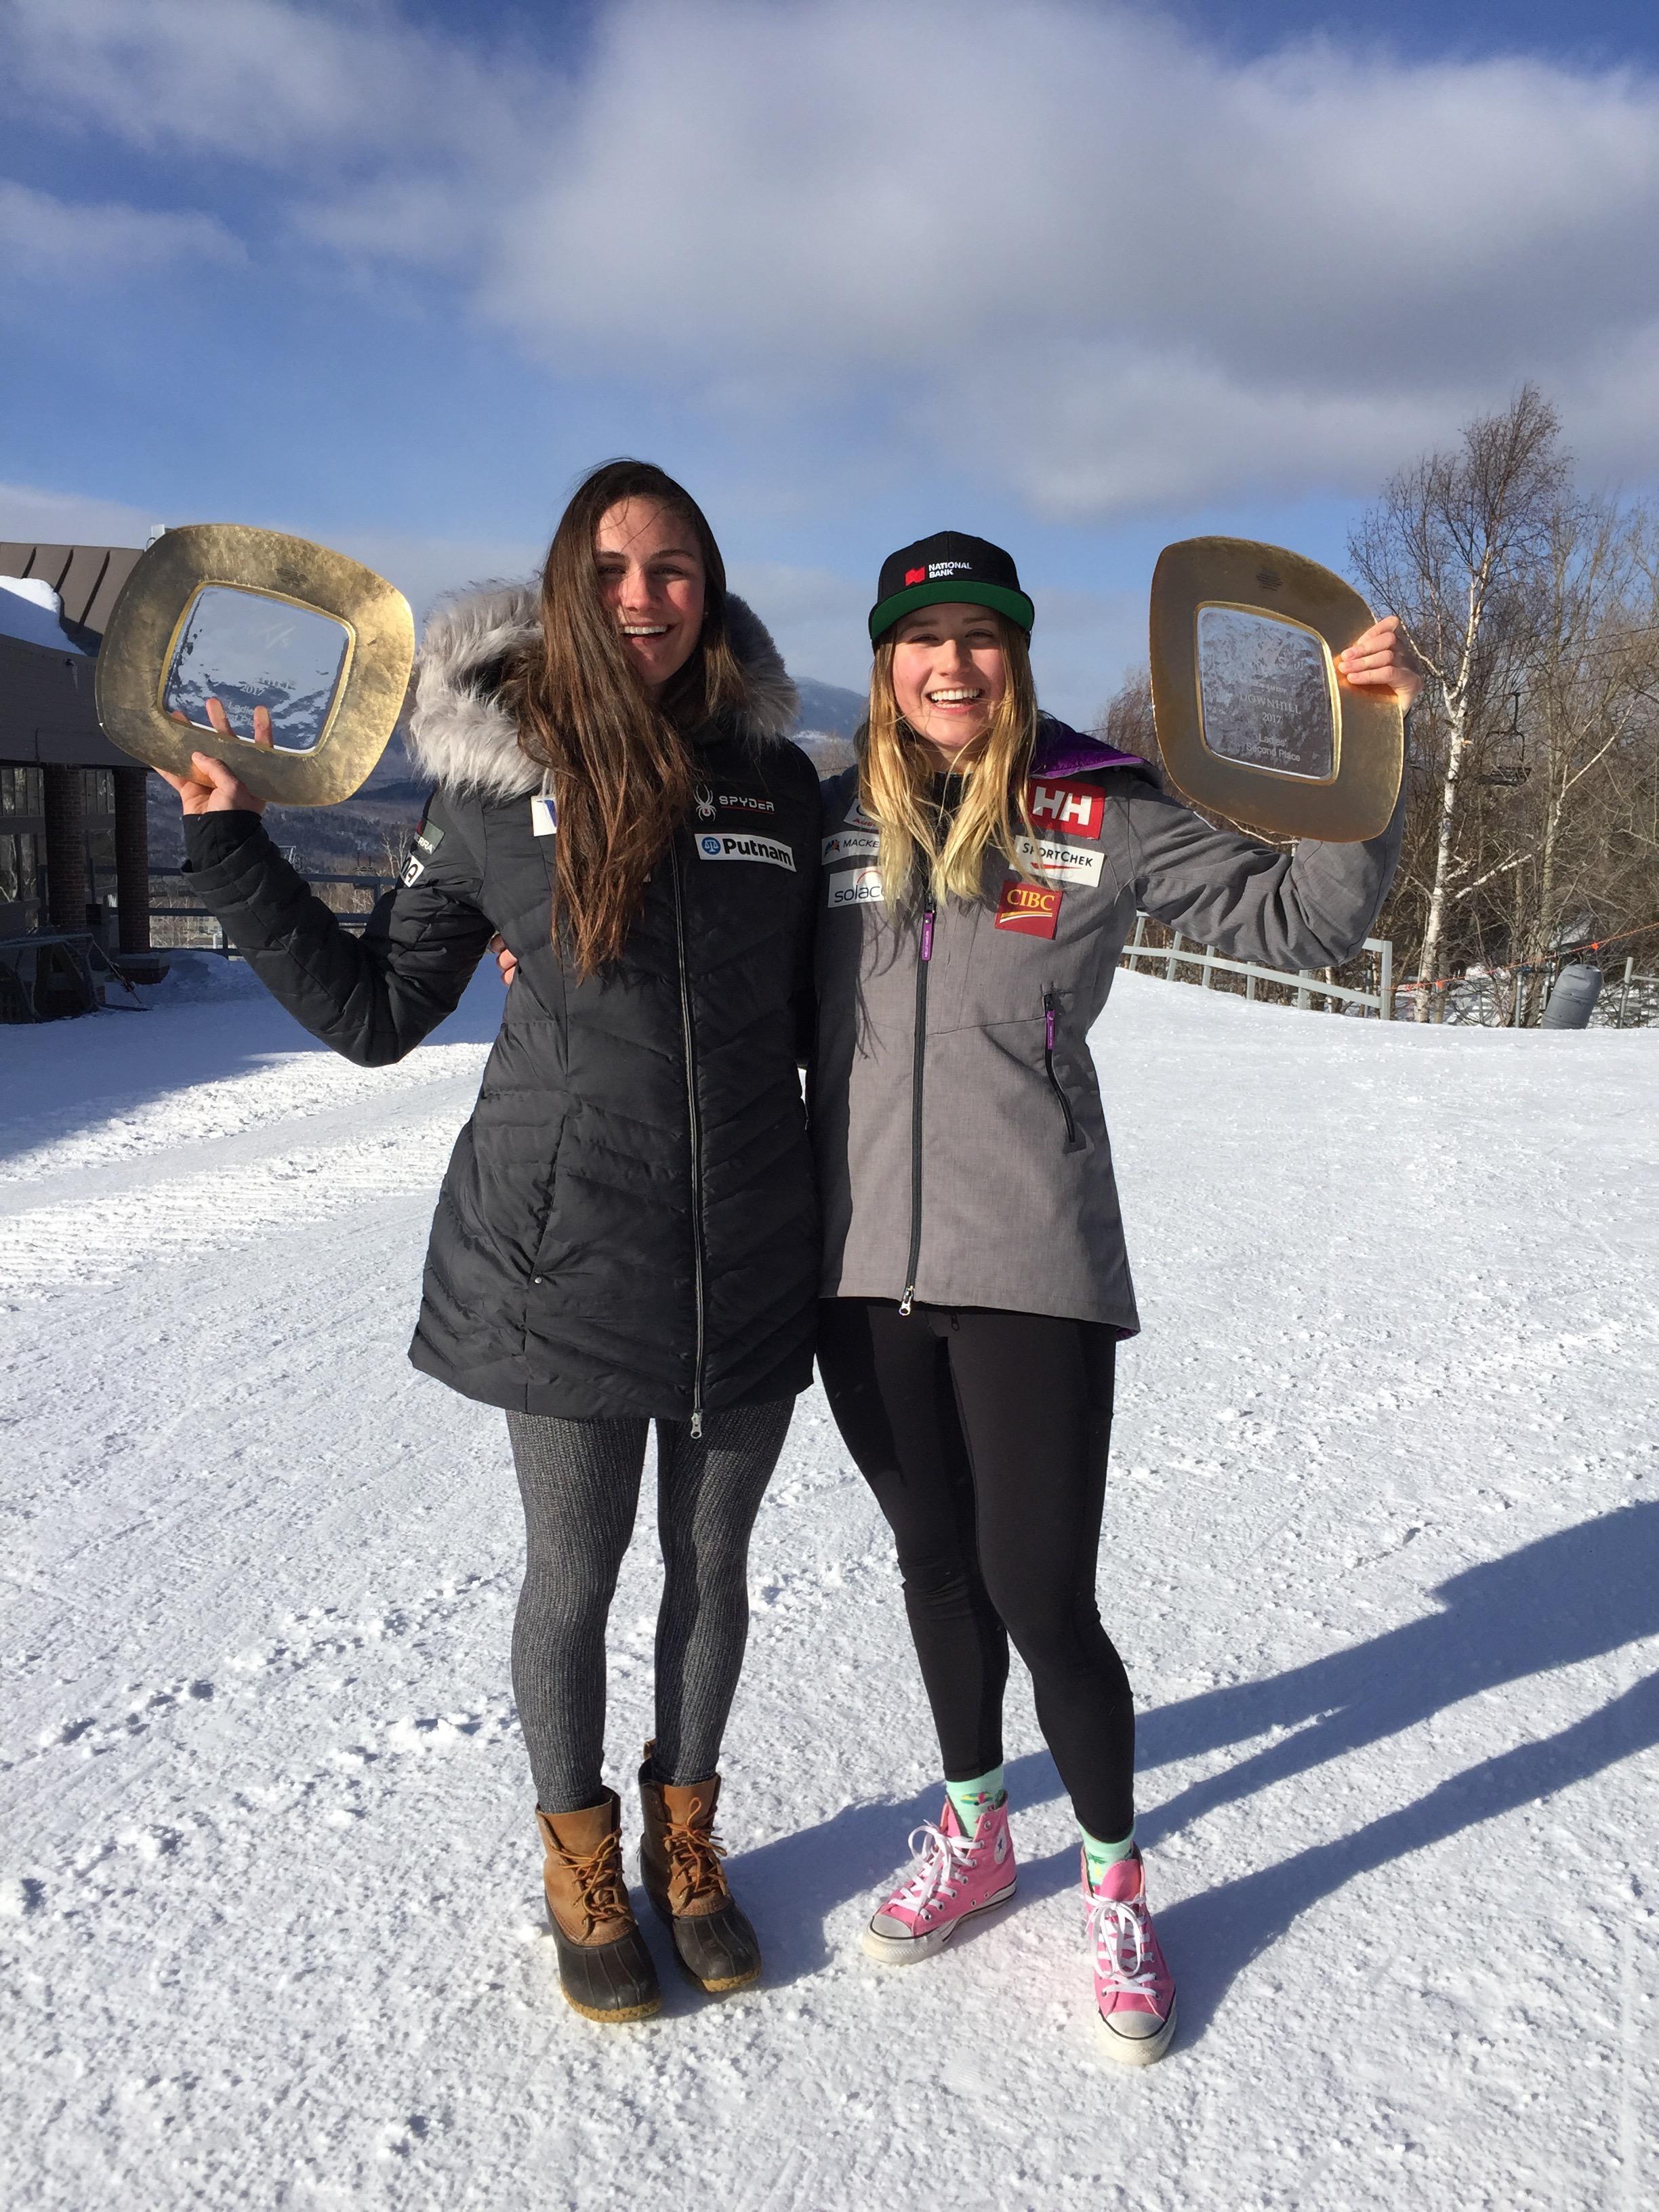 Posing alongside US ski team member